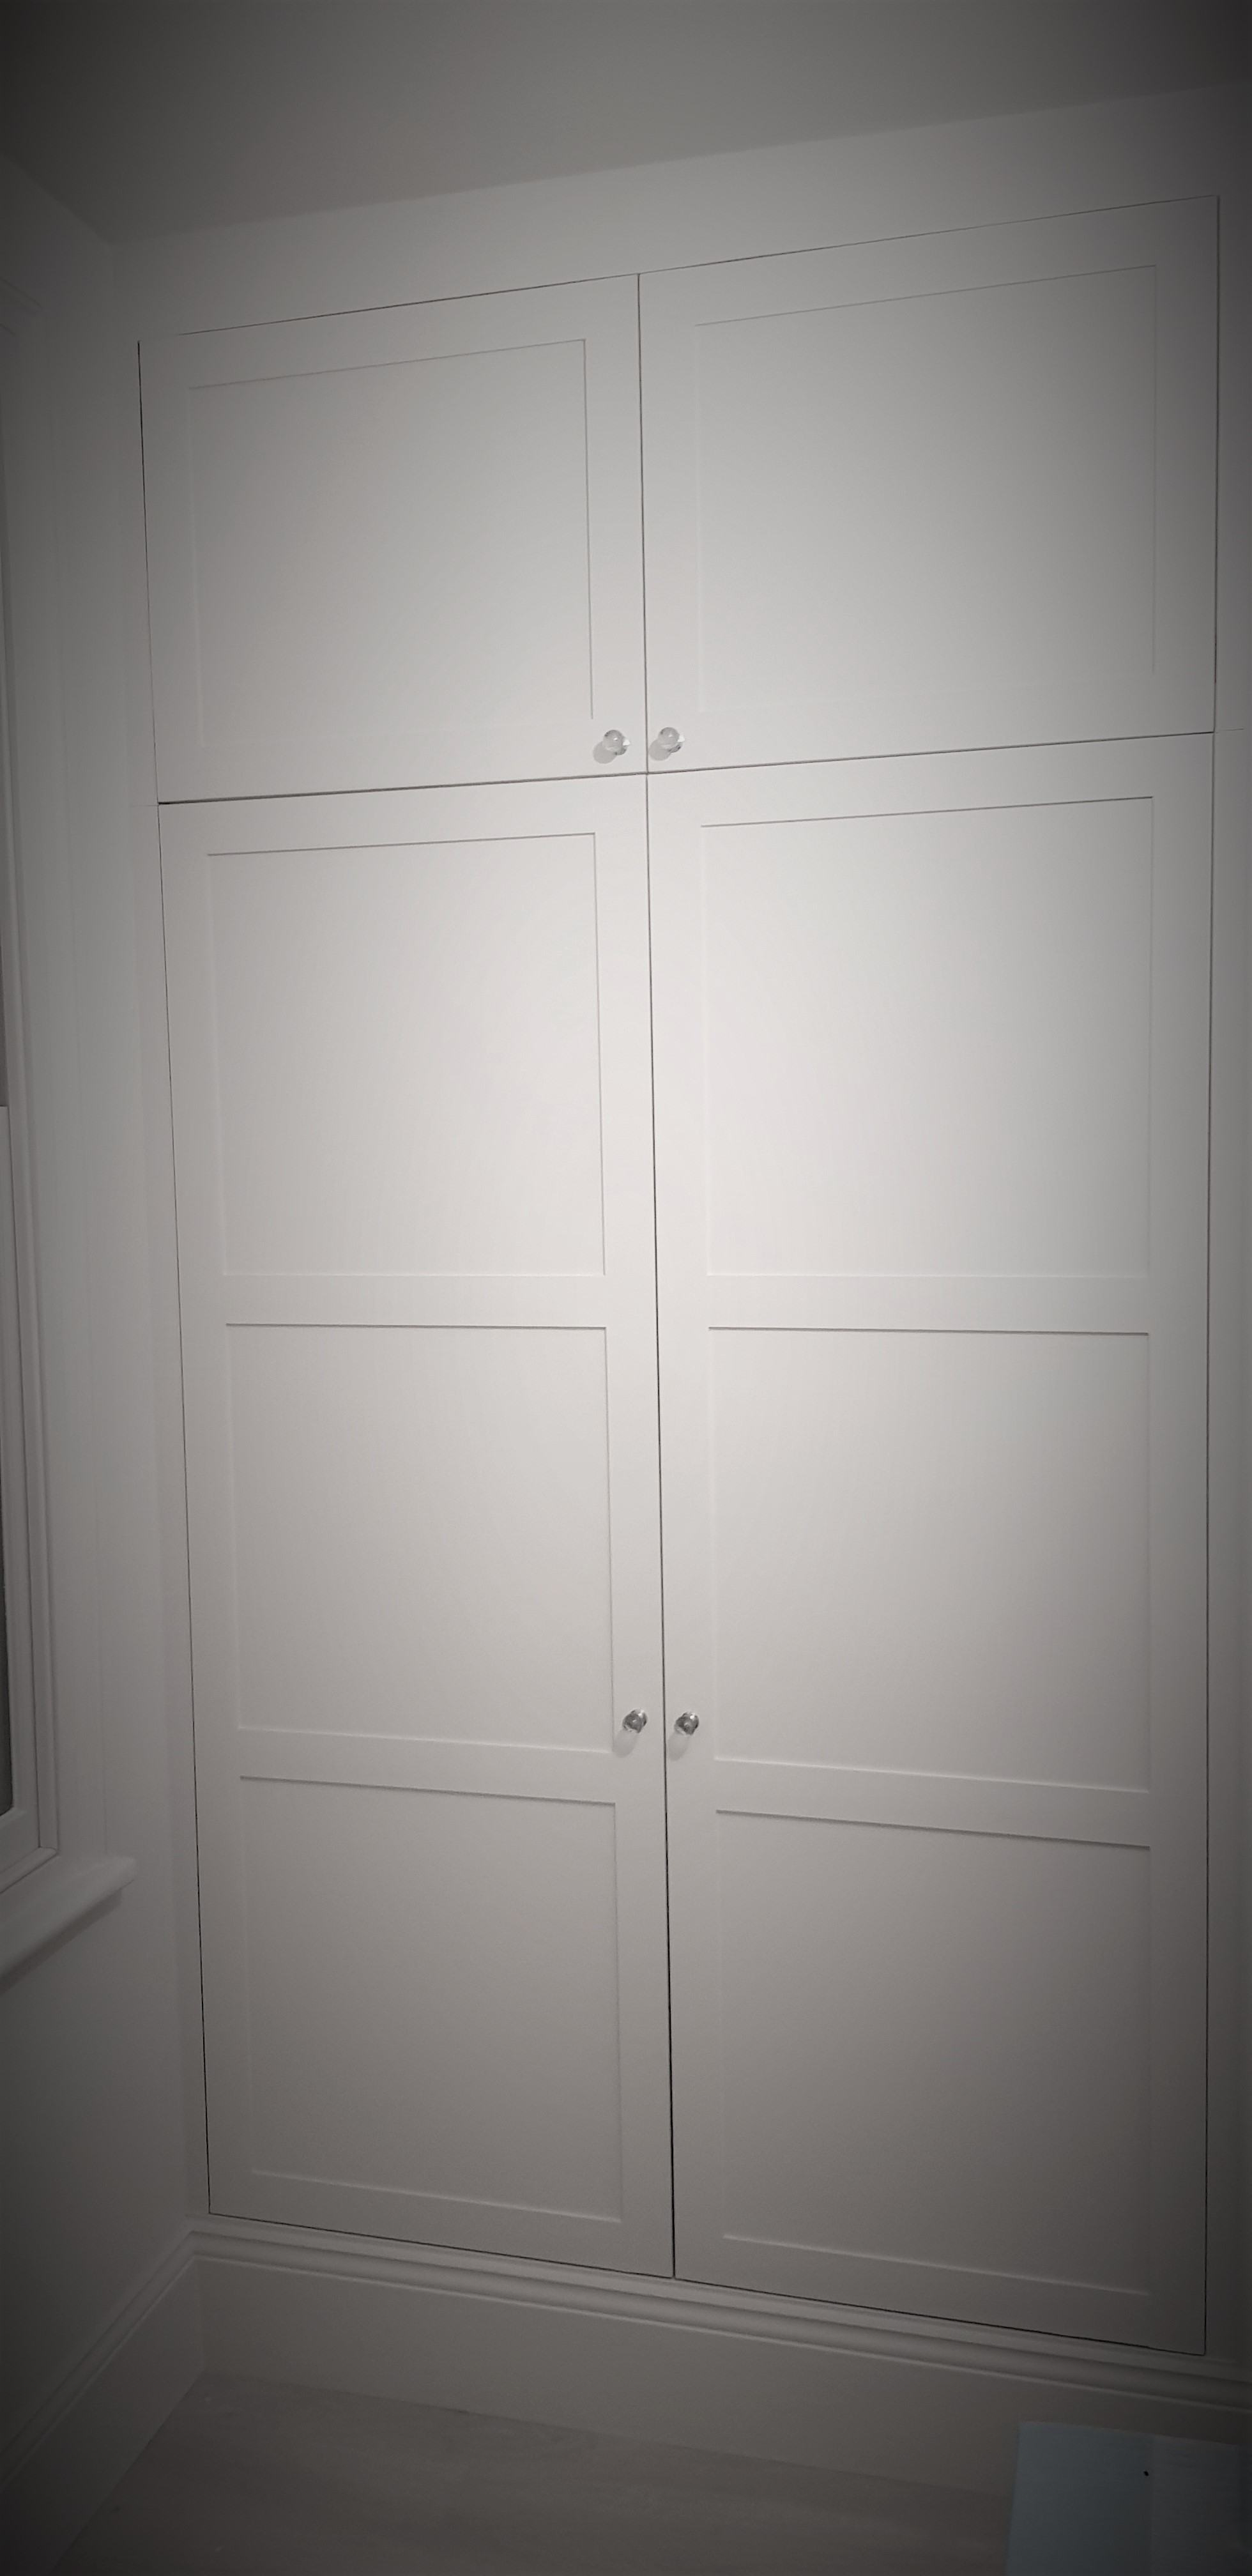 Bespoke wardrobe shaker style painted wh